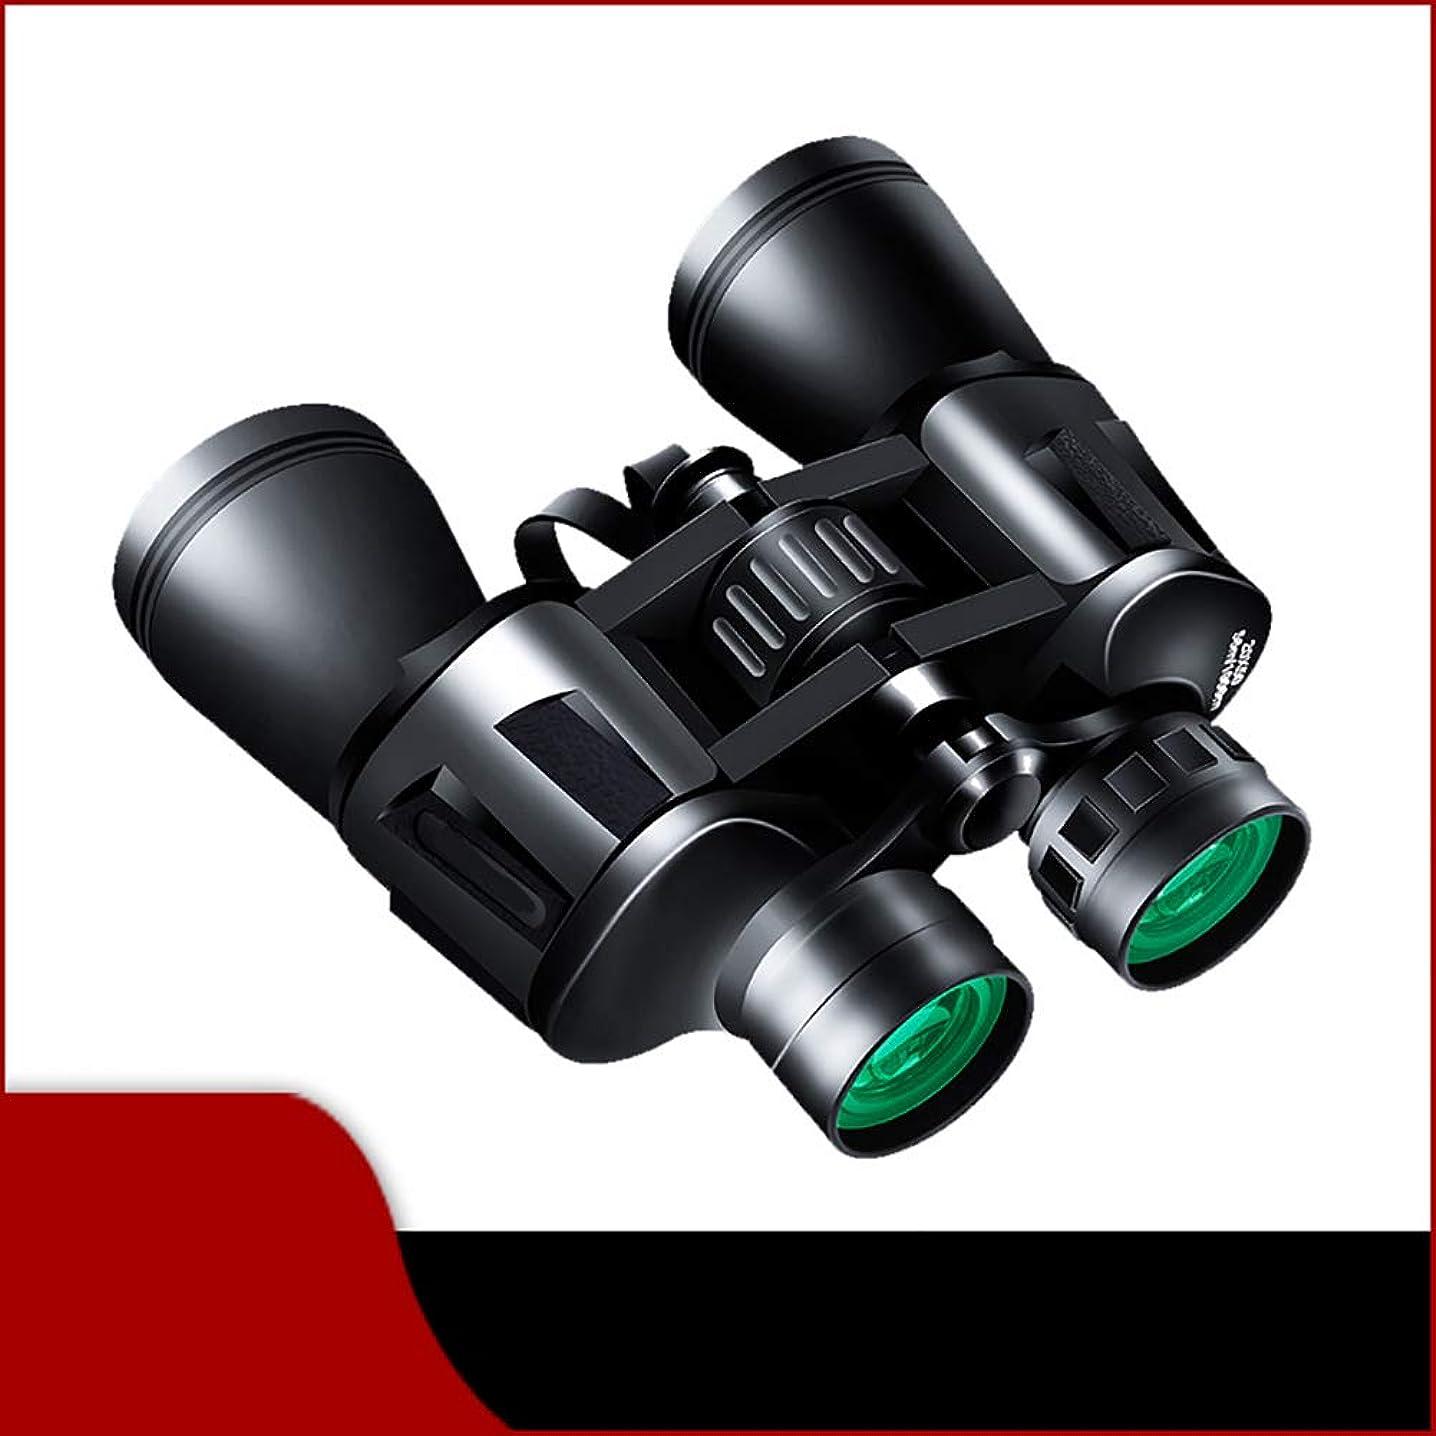 憎しみ便利溶接20x50ハイパワー双眼鏡コンパクトHdプロフェッショナル/日常の防水バードウォッチングウォッチングフットボール - ケースとストラップ付きBak4プリズムFmcレンズ